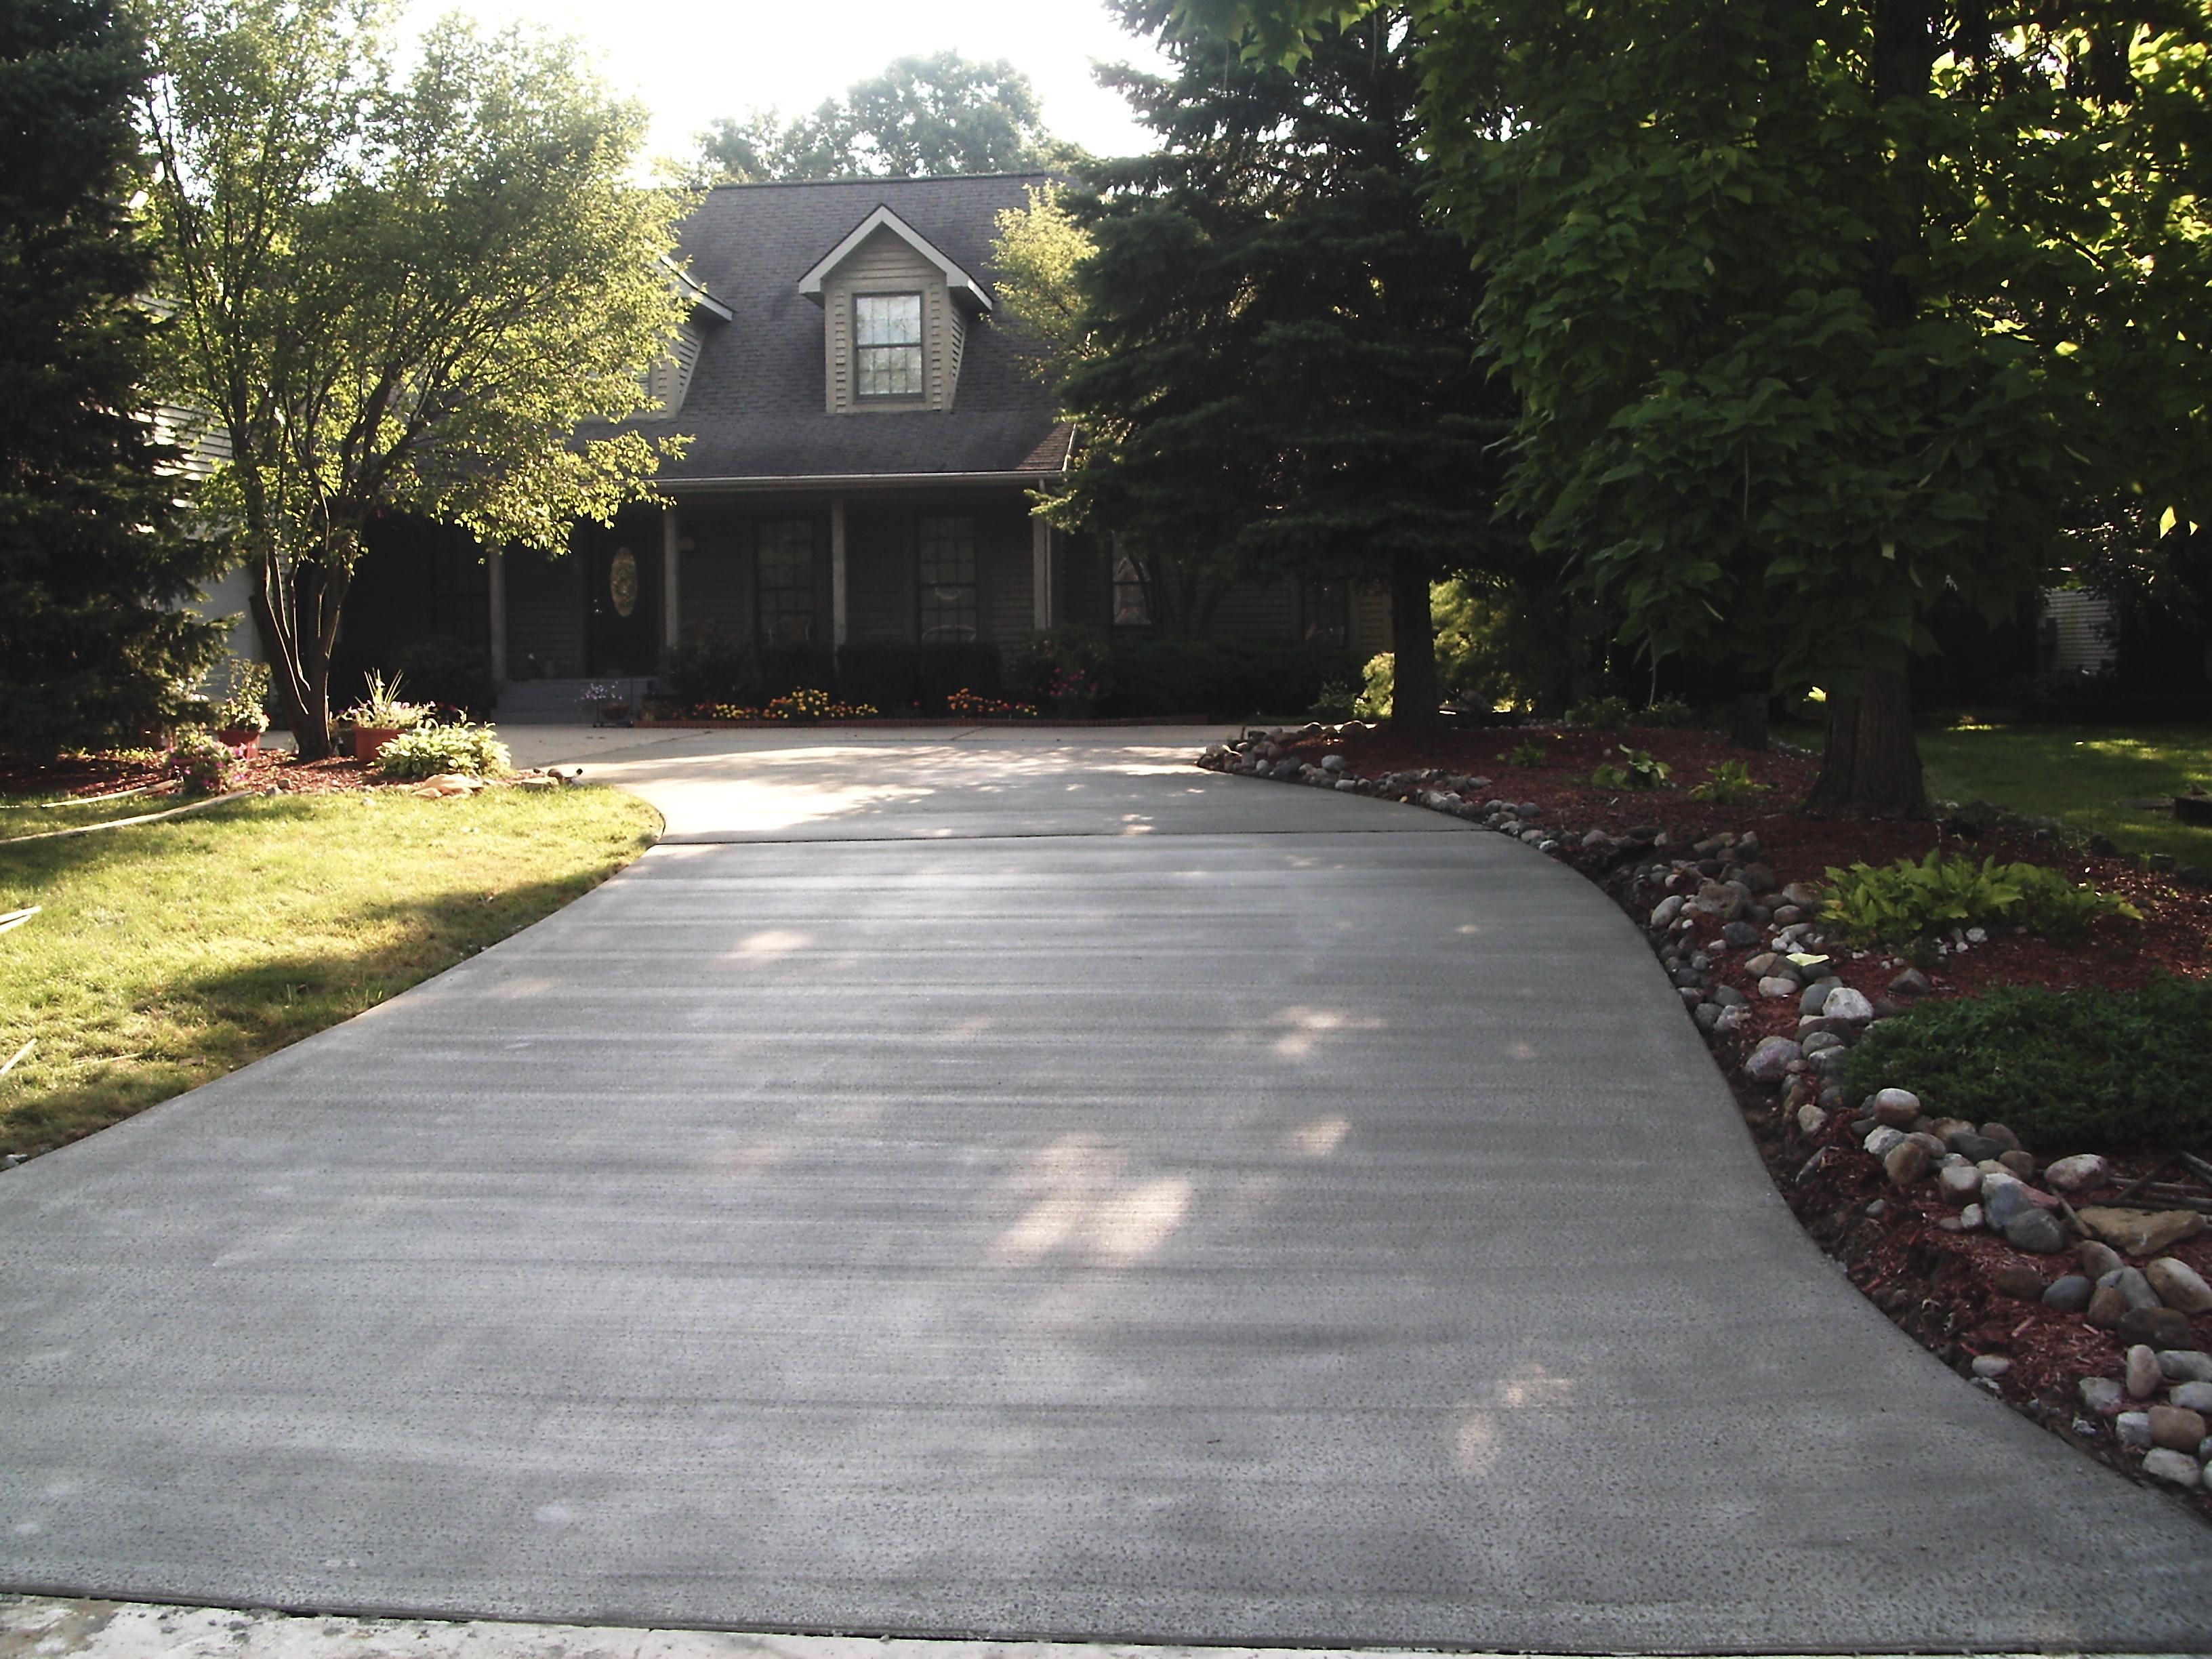 J & J Concrete Work